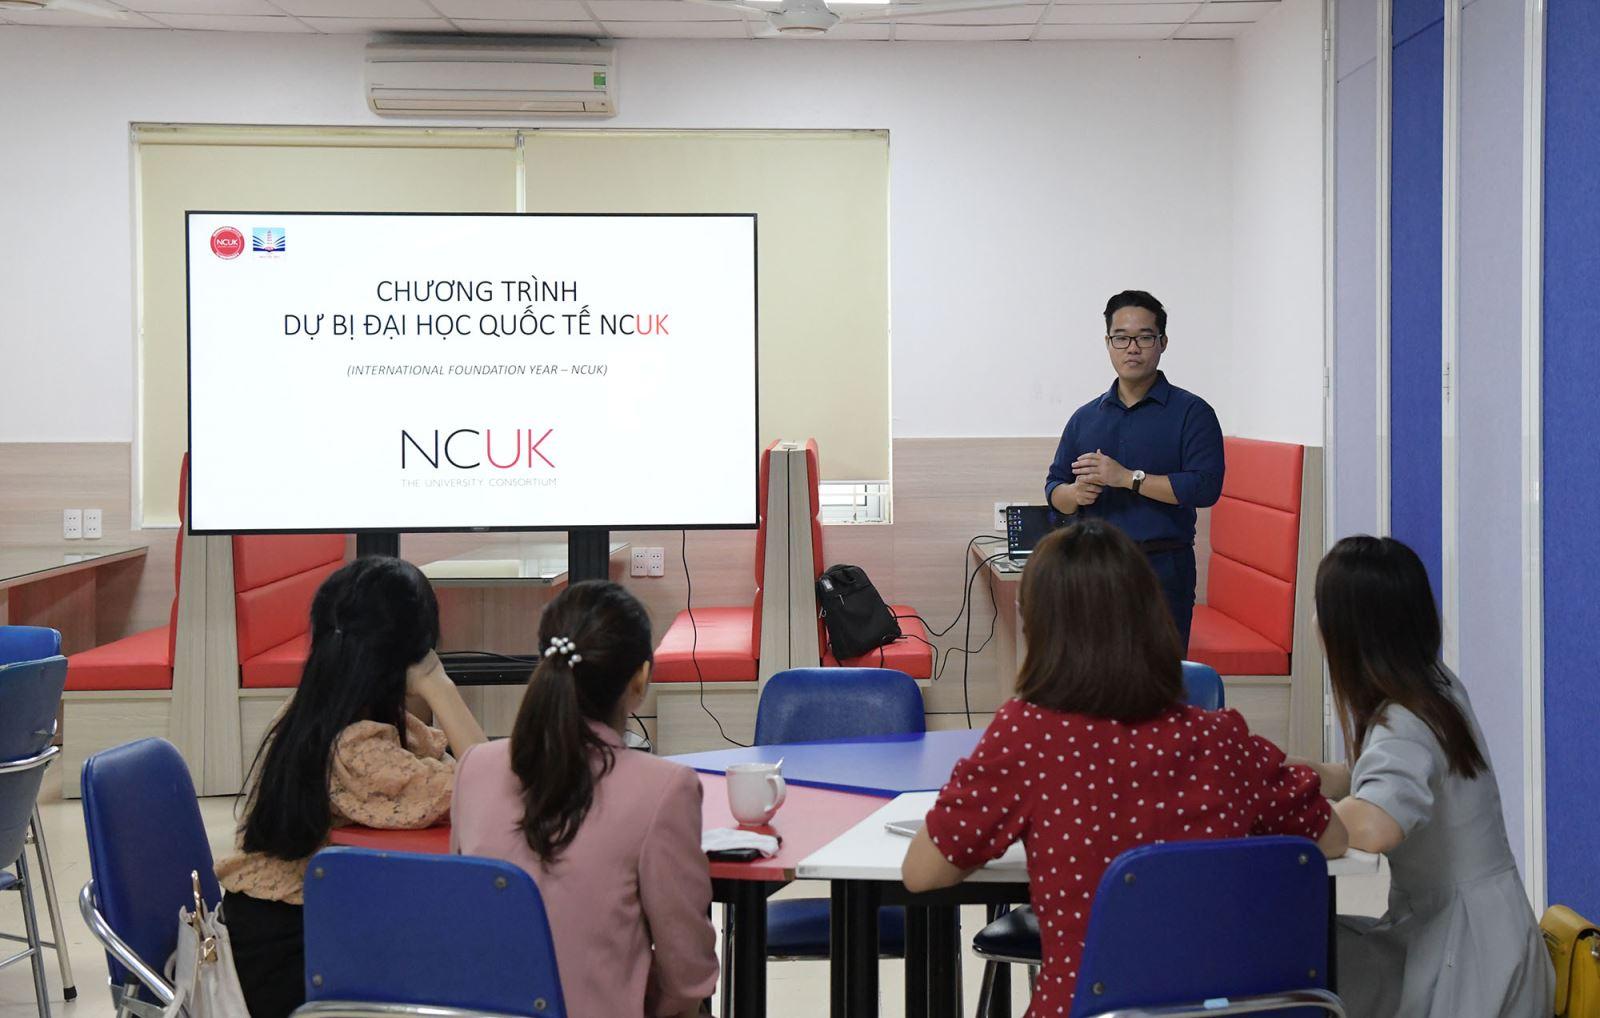 NCUK - chương trình dự bị đại học Quốc tế ưu việt dành cho học sinh Việt Nam